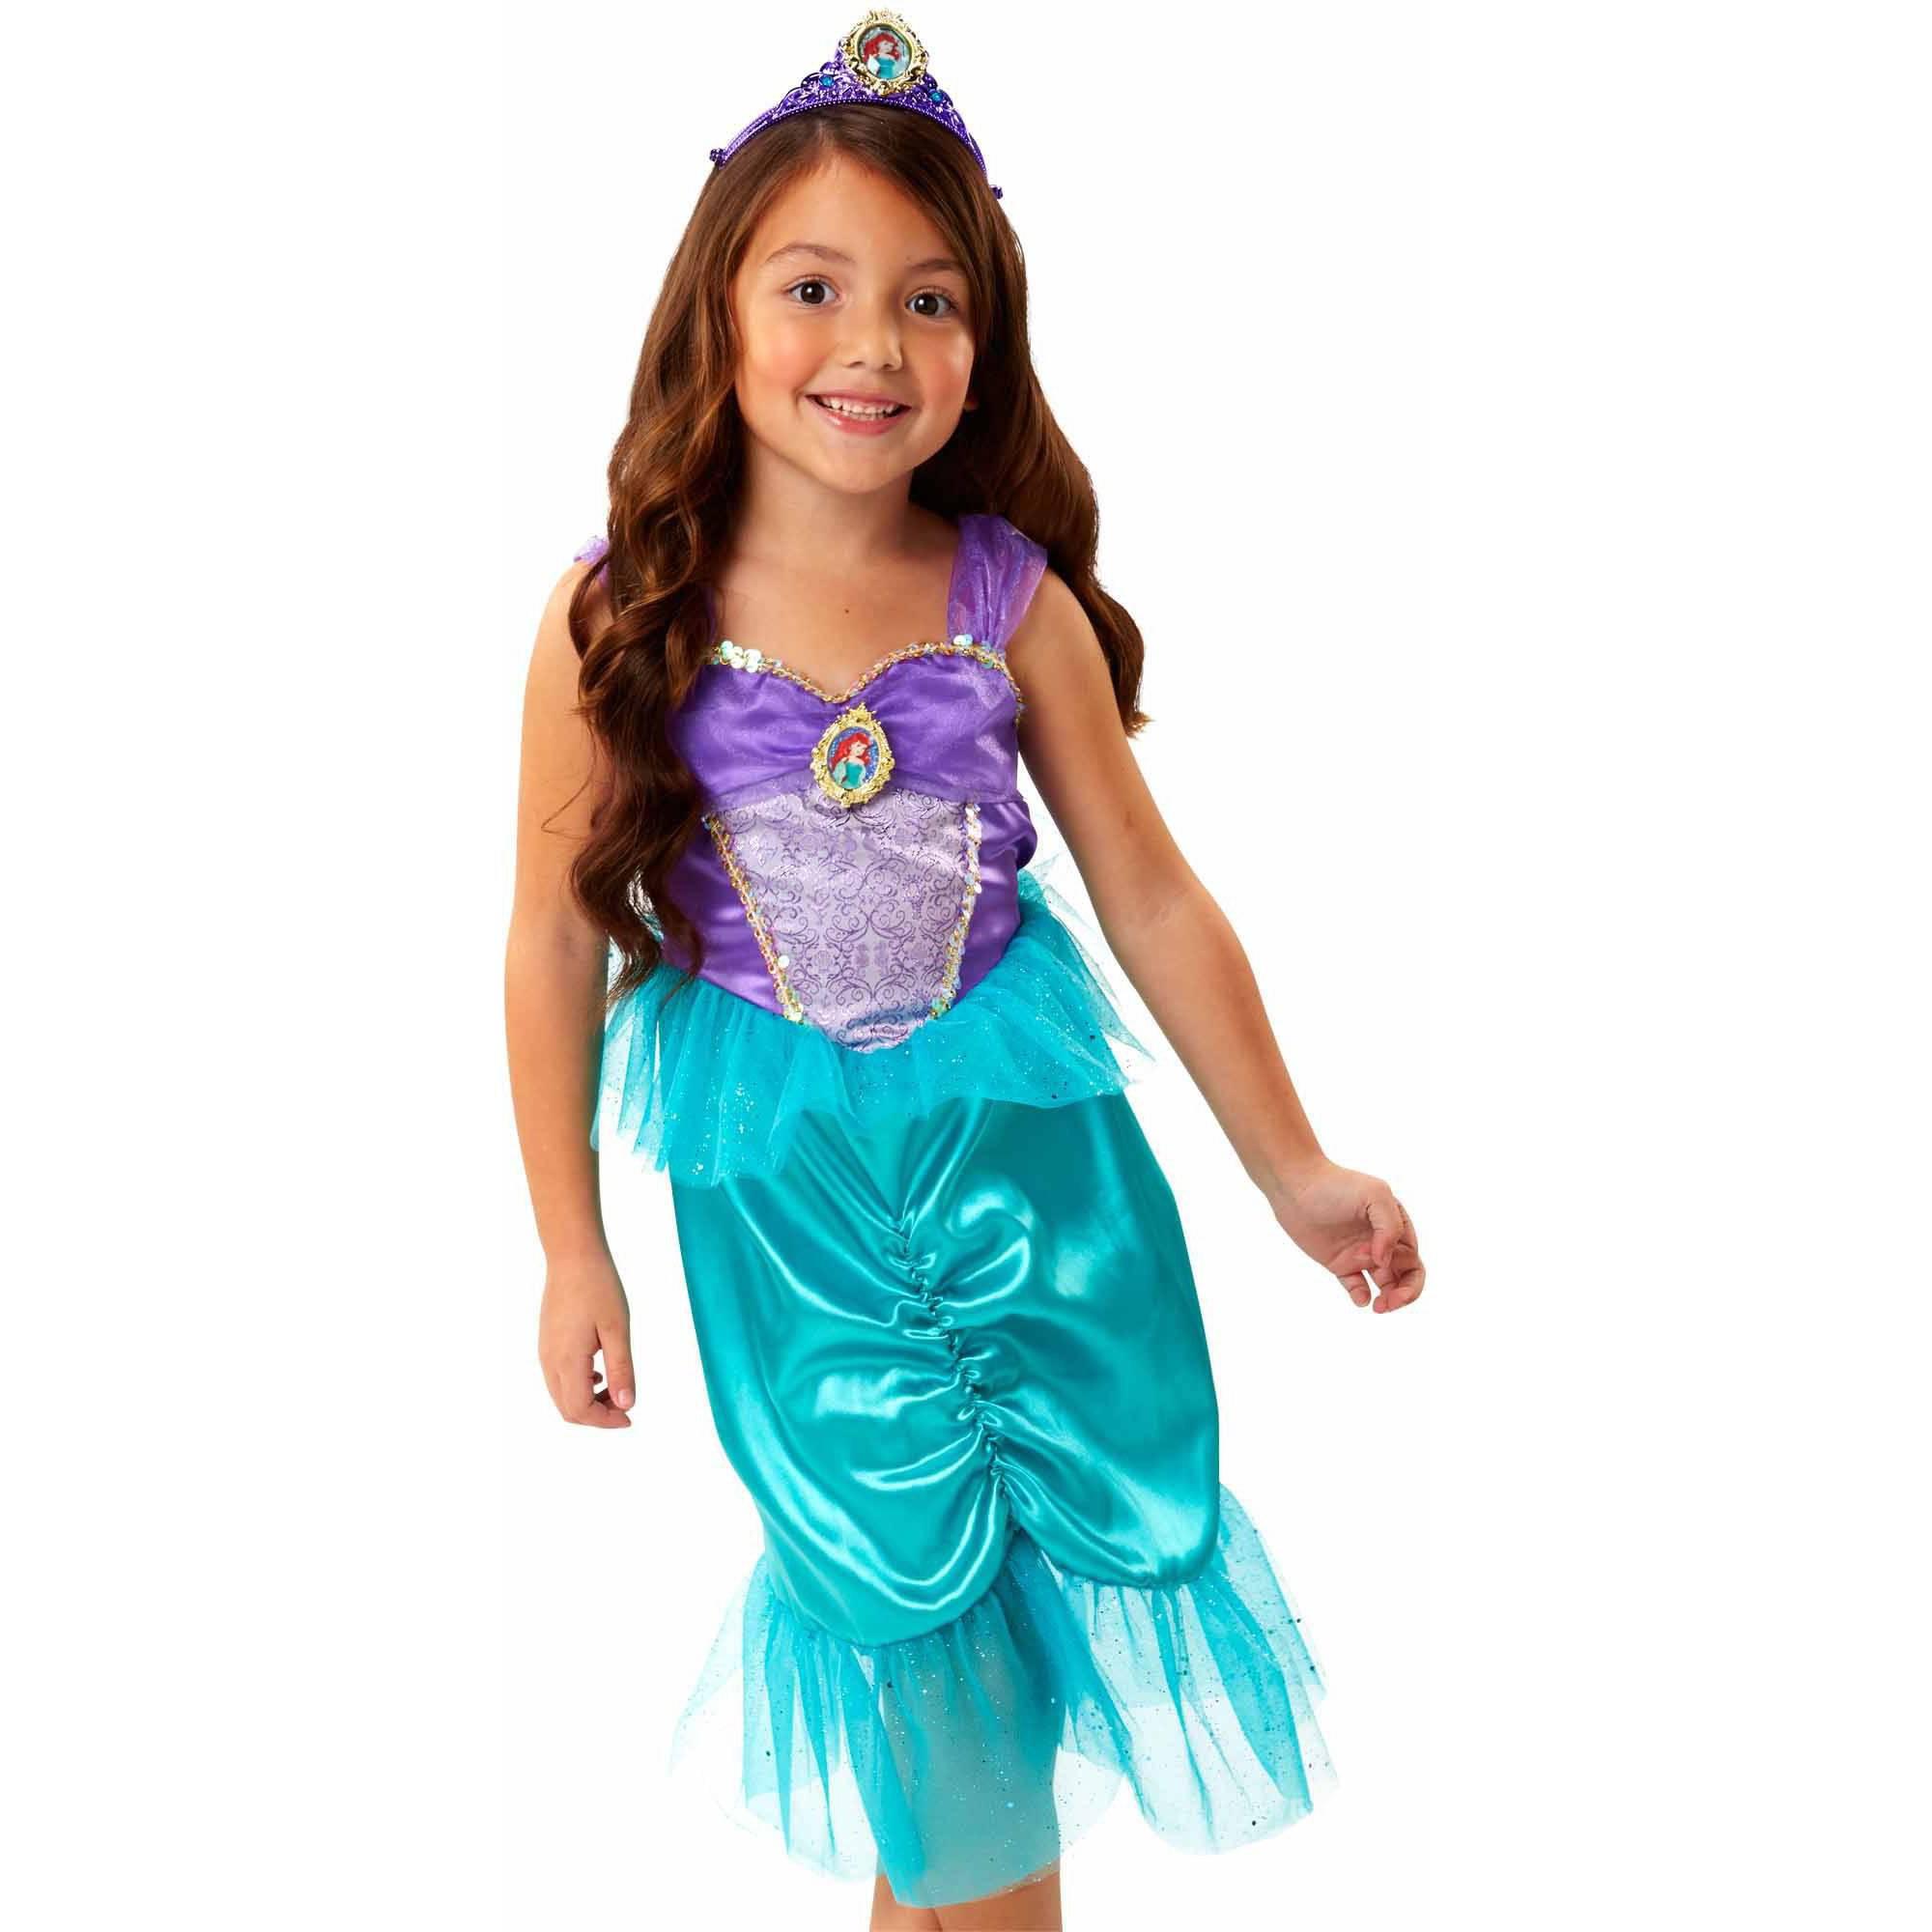 Disney Princess Ariel Keys to the Kingdom Dress